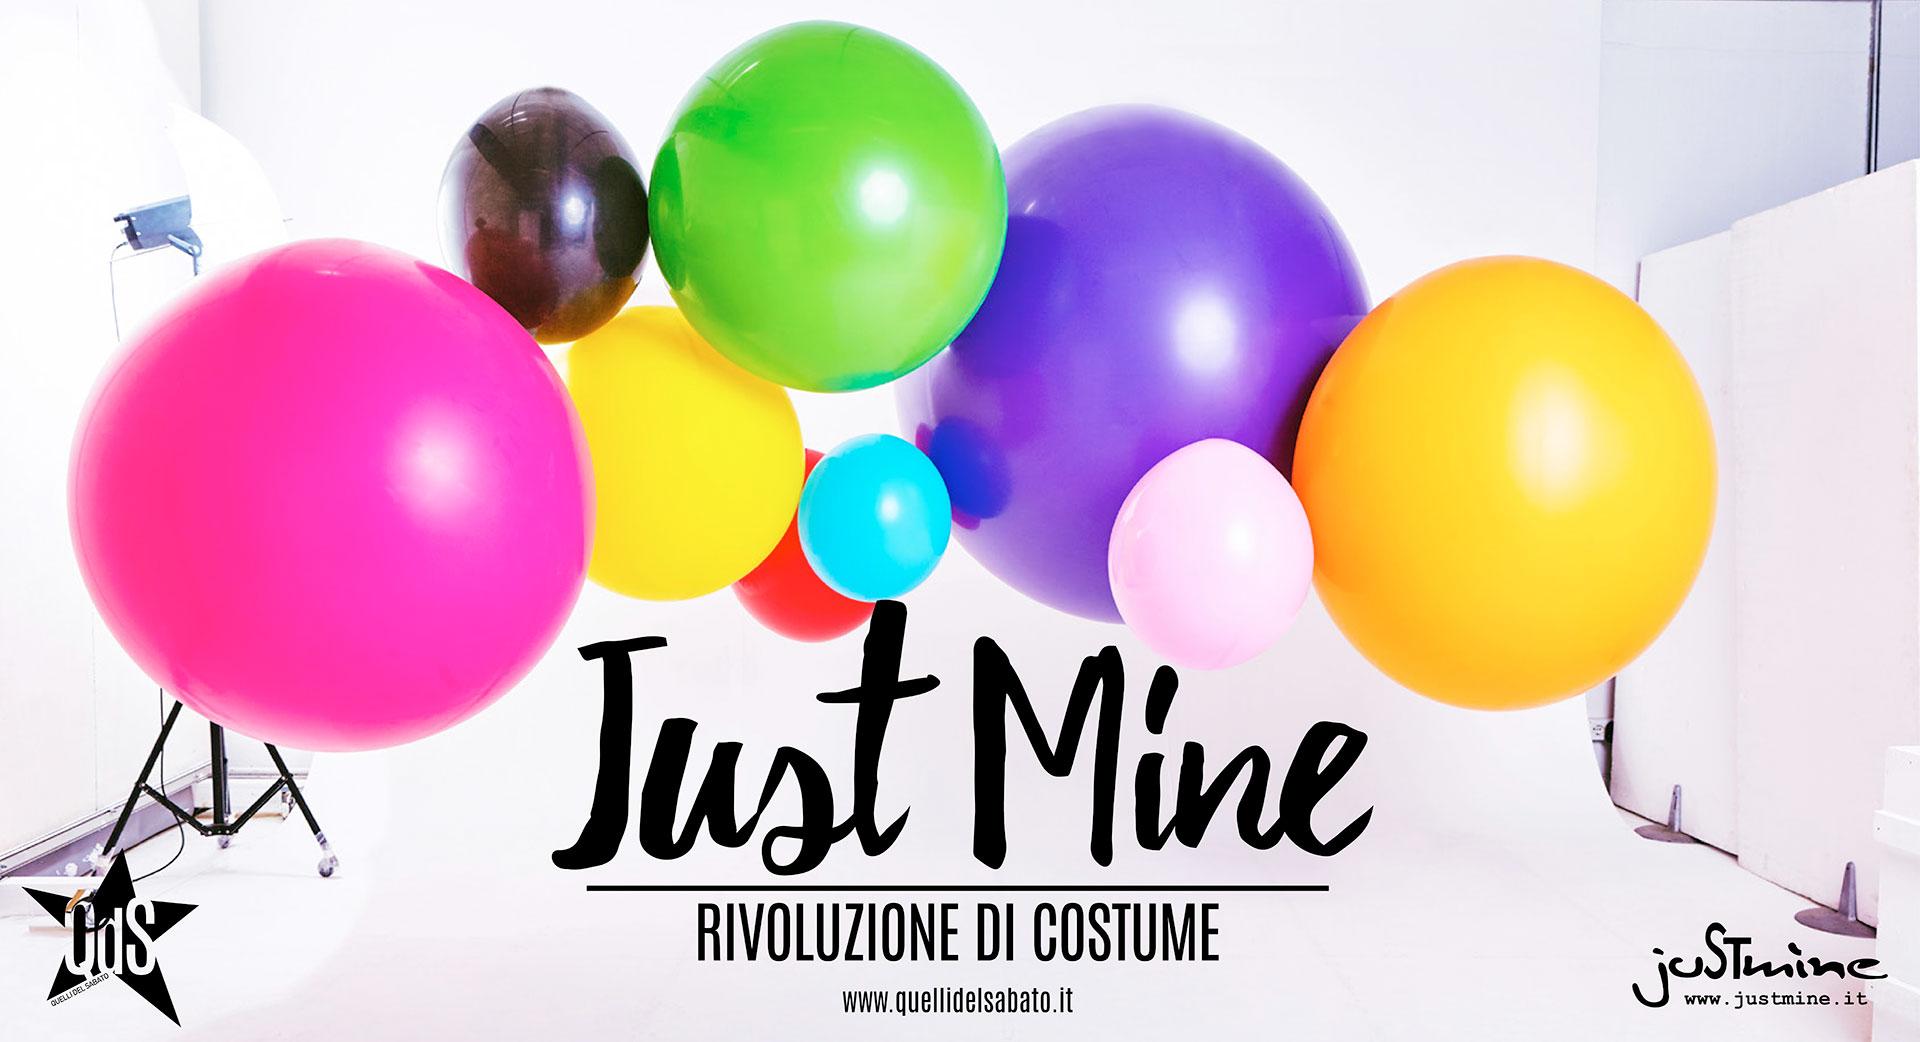 justmine-rivoluzione-di-costume-cover